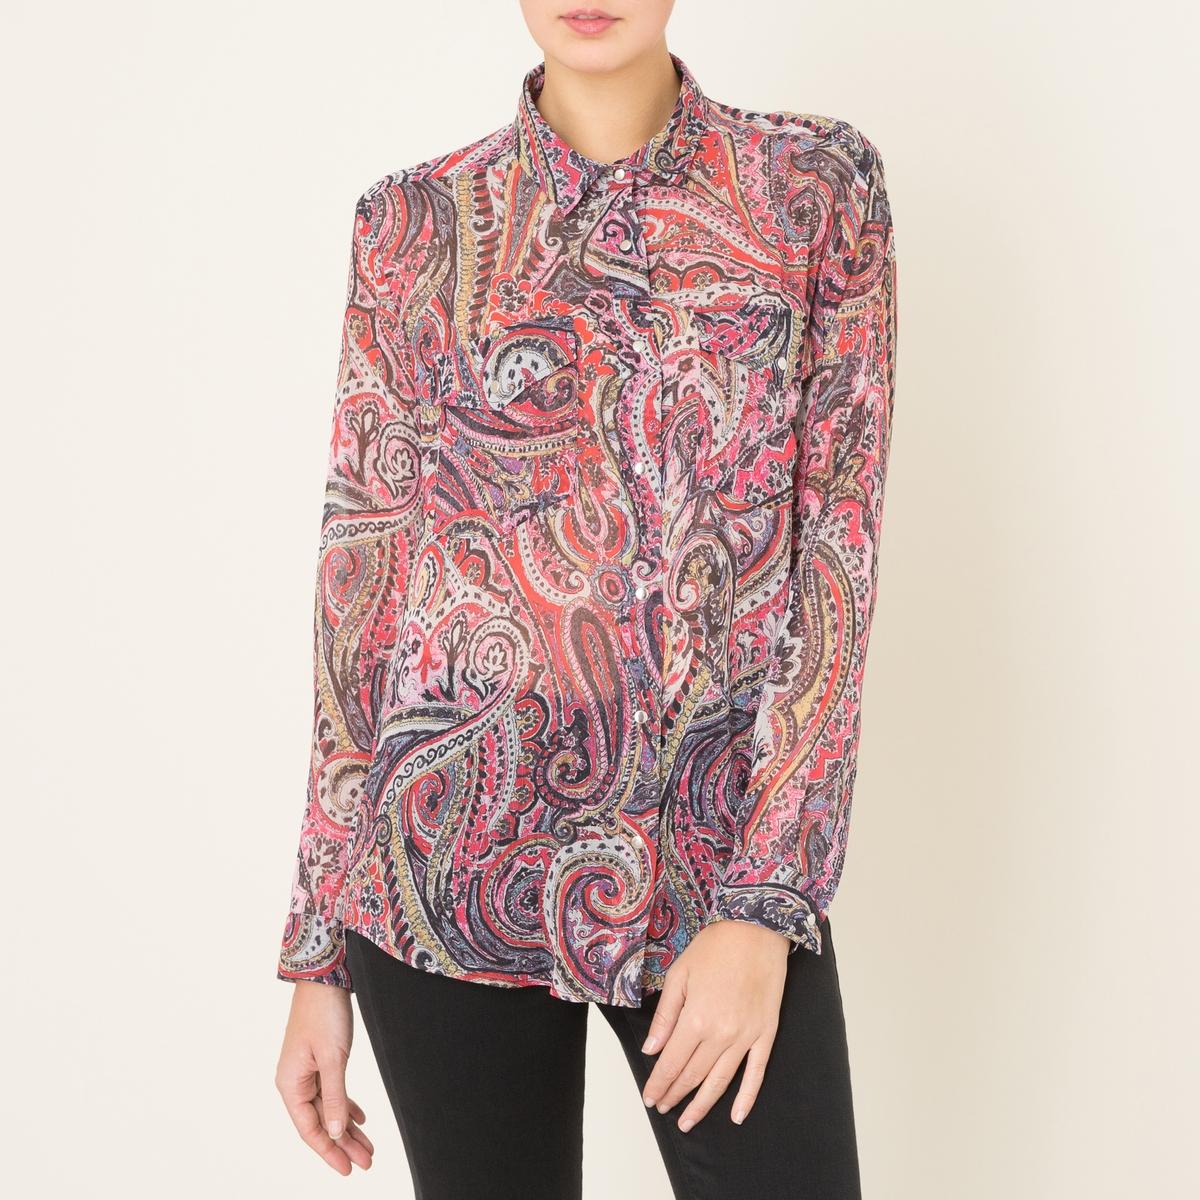 Рубашка с рисункомРубашка THE KOOPLES - из вуали с принтом. Рубашечный воротник со свободными уголками   . Застежка на кнопки, манжеты на кнопках. 2 нагрудных кармана с клапанами на кнопках . длинные рукава. Закругленный низ.Состав и описание:    Материал : 100% полиэстер    Марка : THE KOOPLES<br><br>Цвет: розовый